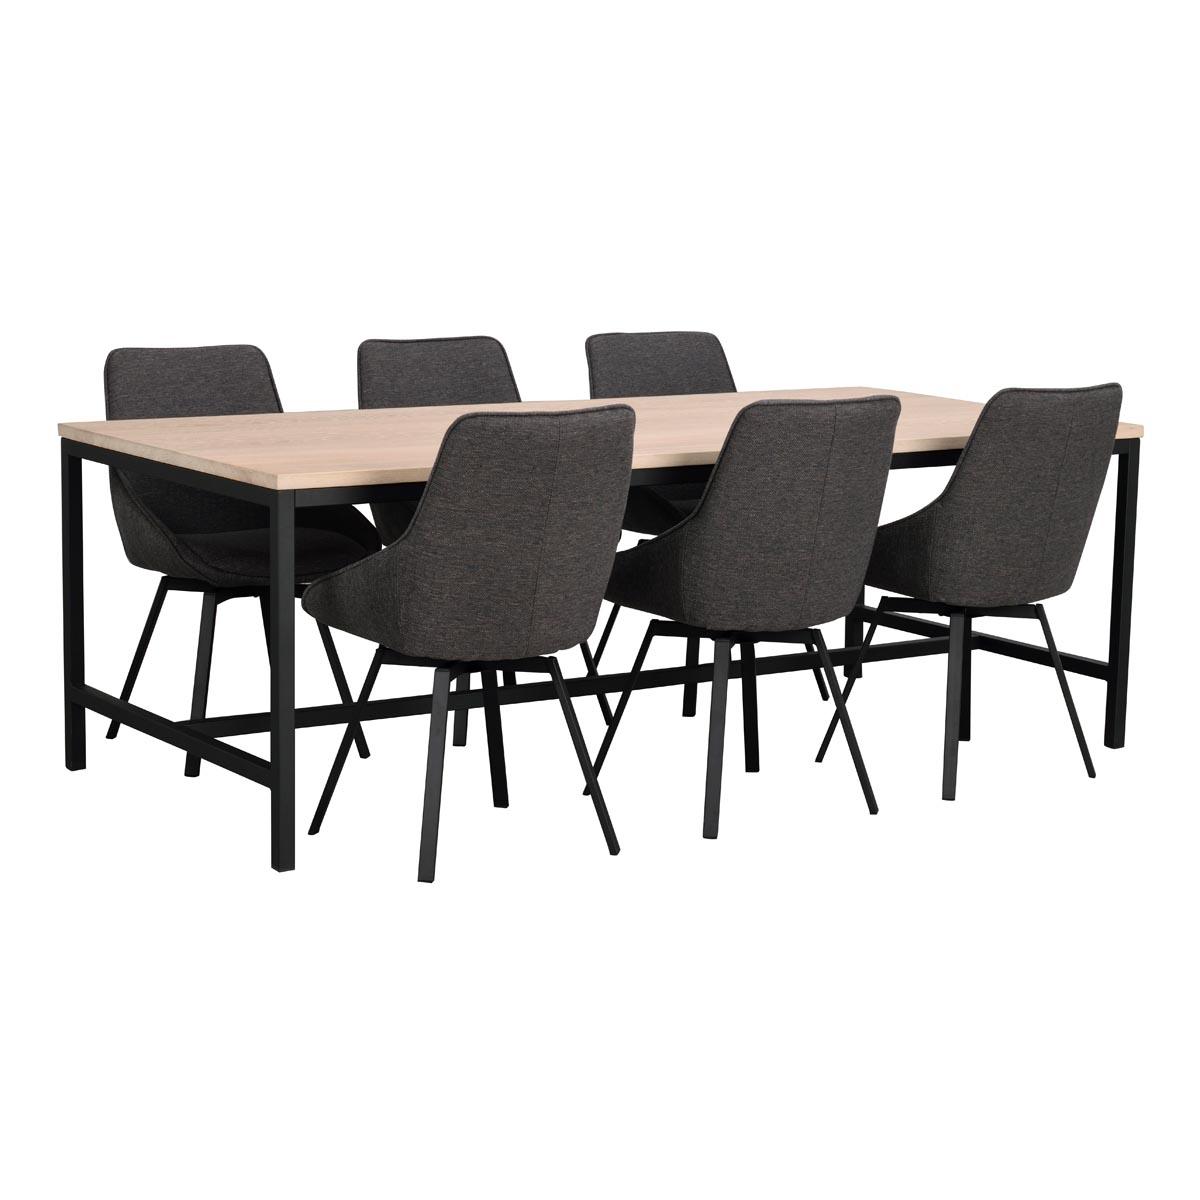 Everett matbord ww med Alison grå stol vinkel